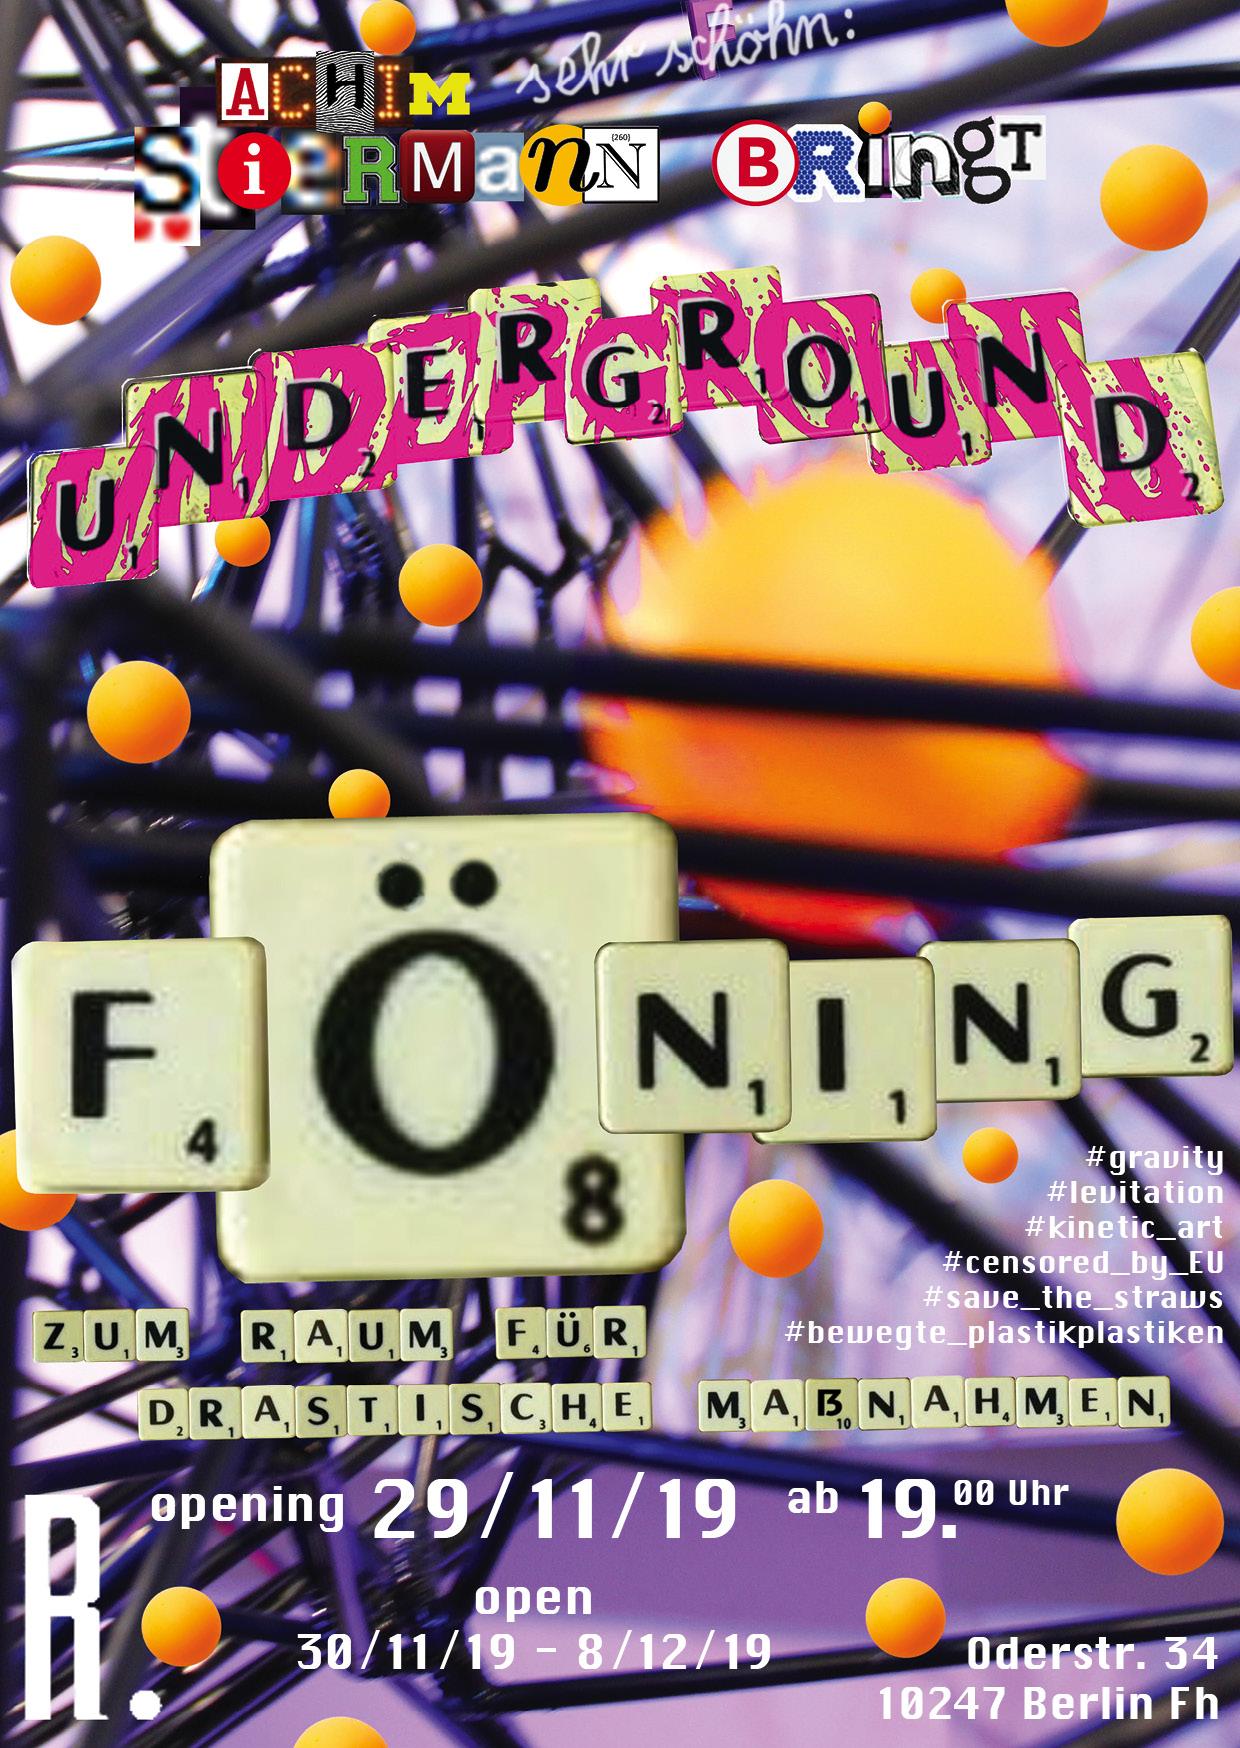 Underground Föning